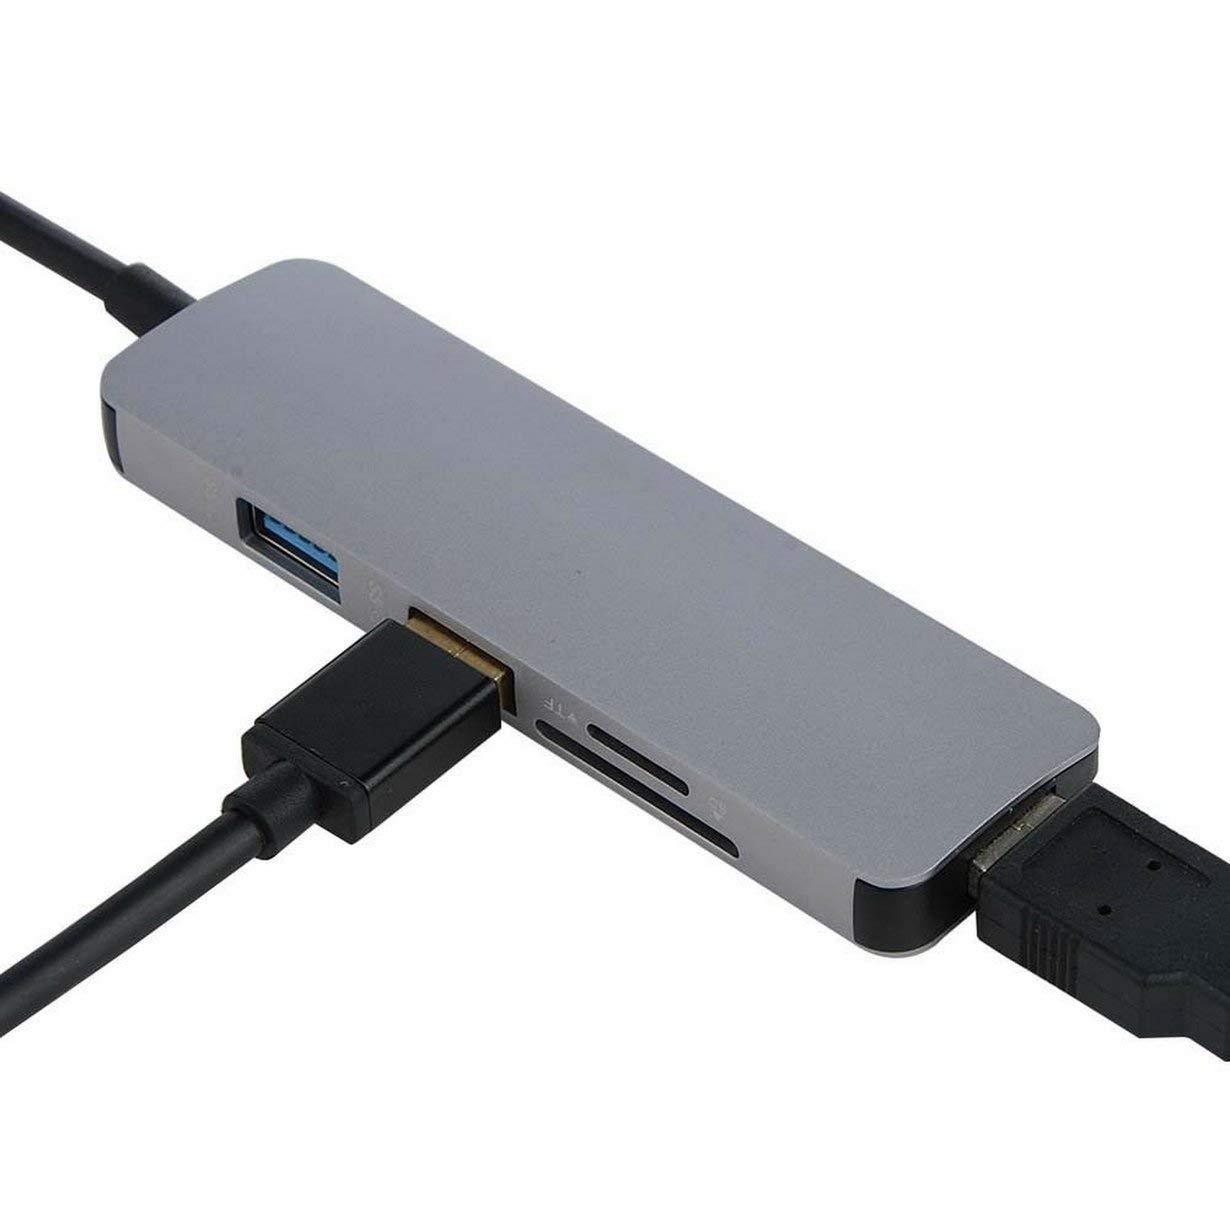 TF Dock Conector Multimedia Convertidor de Adaptador de concentrador USB 3.0 con 3 Puertos USB 3.0 y Adaptador de Lector de Tarjetas SD Plateado